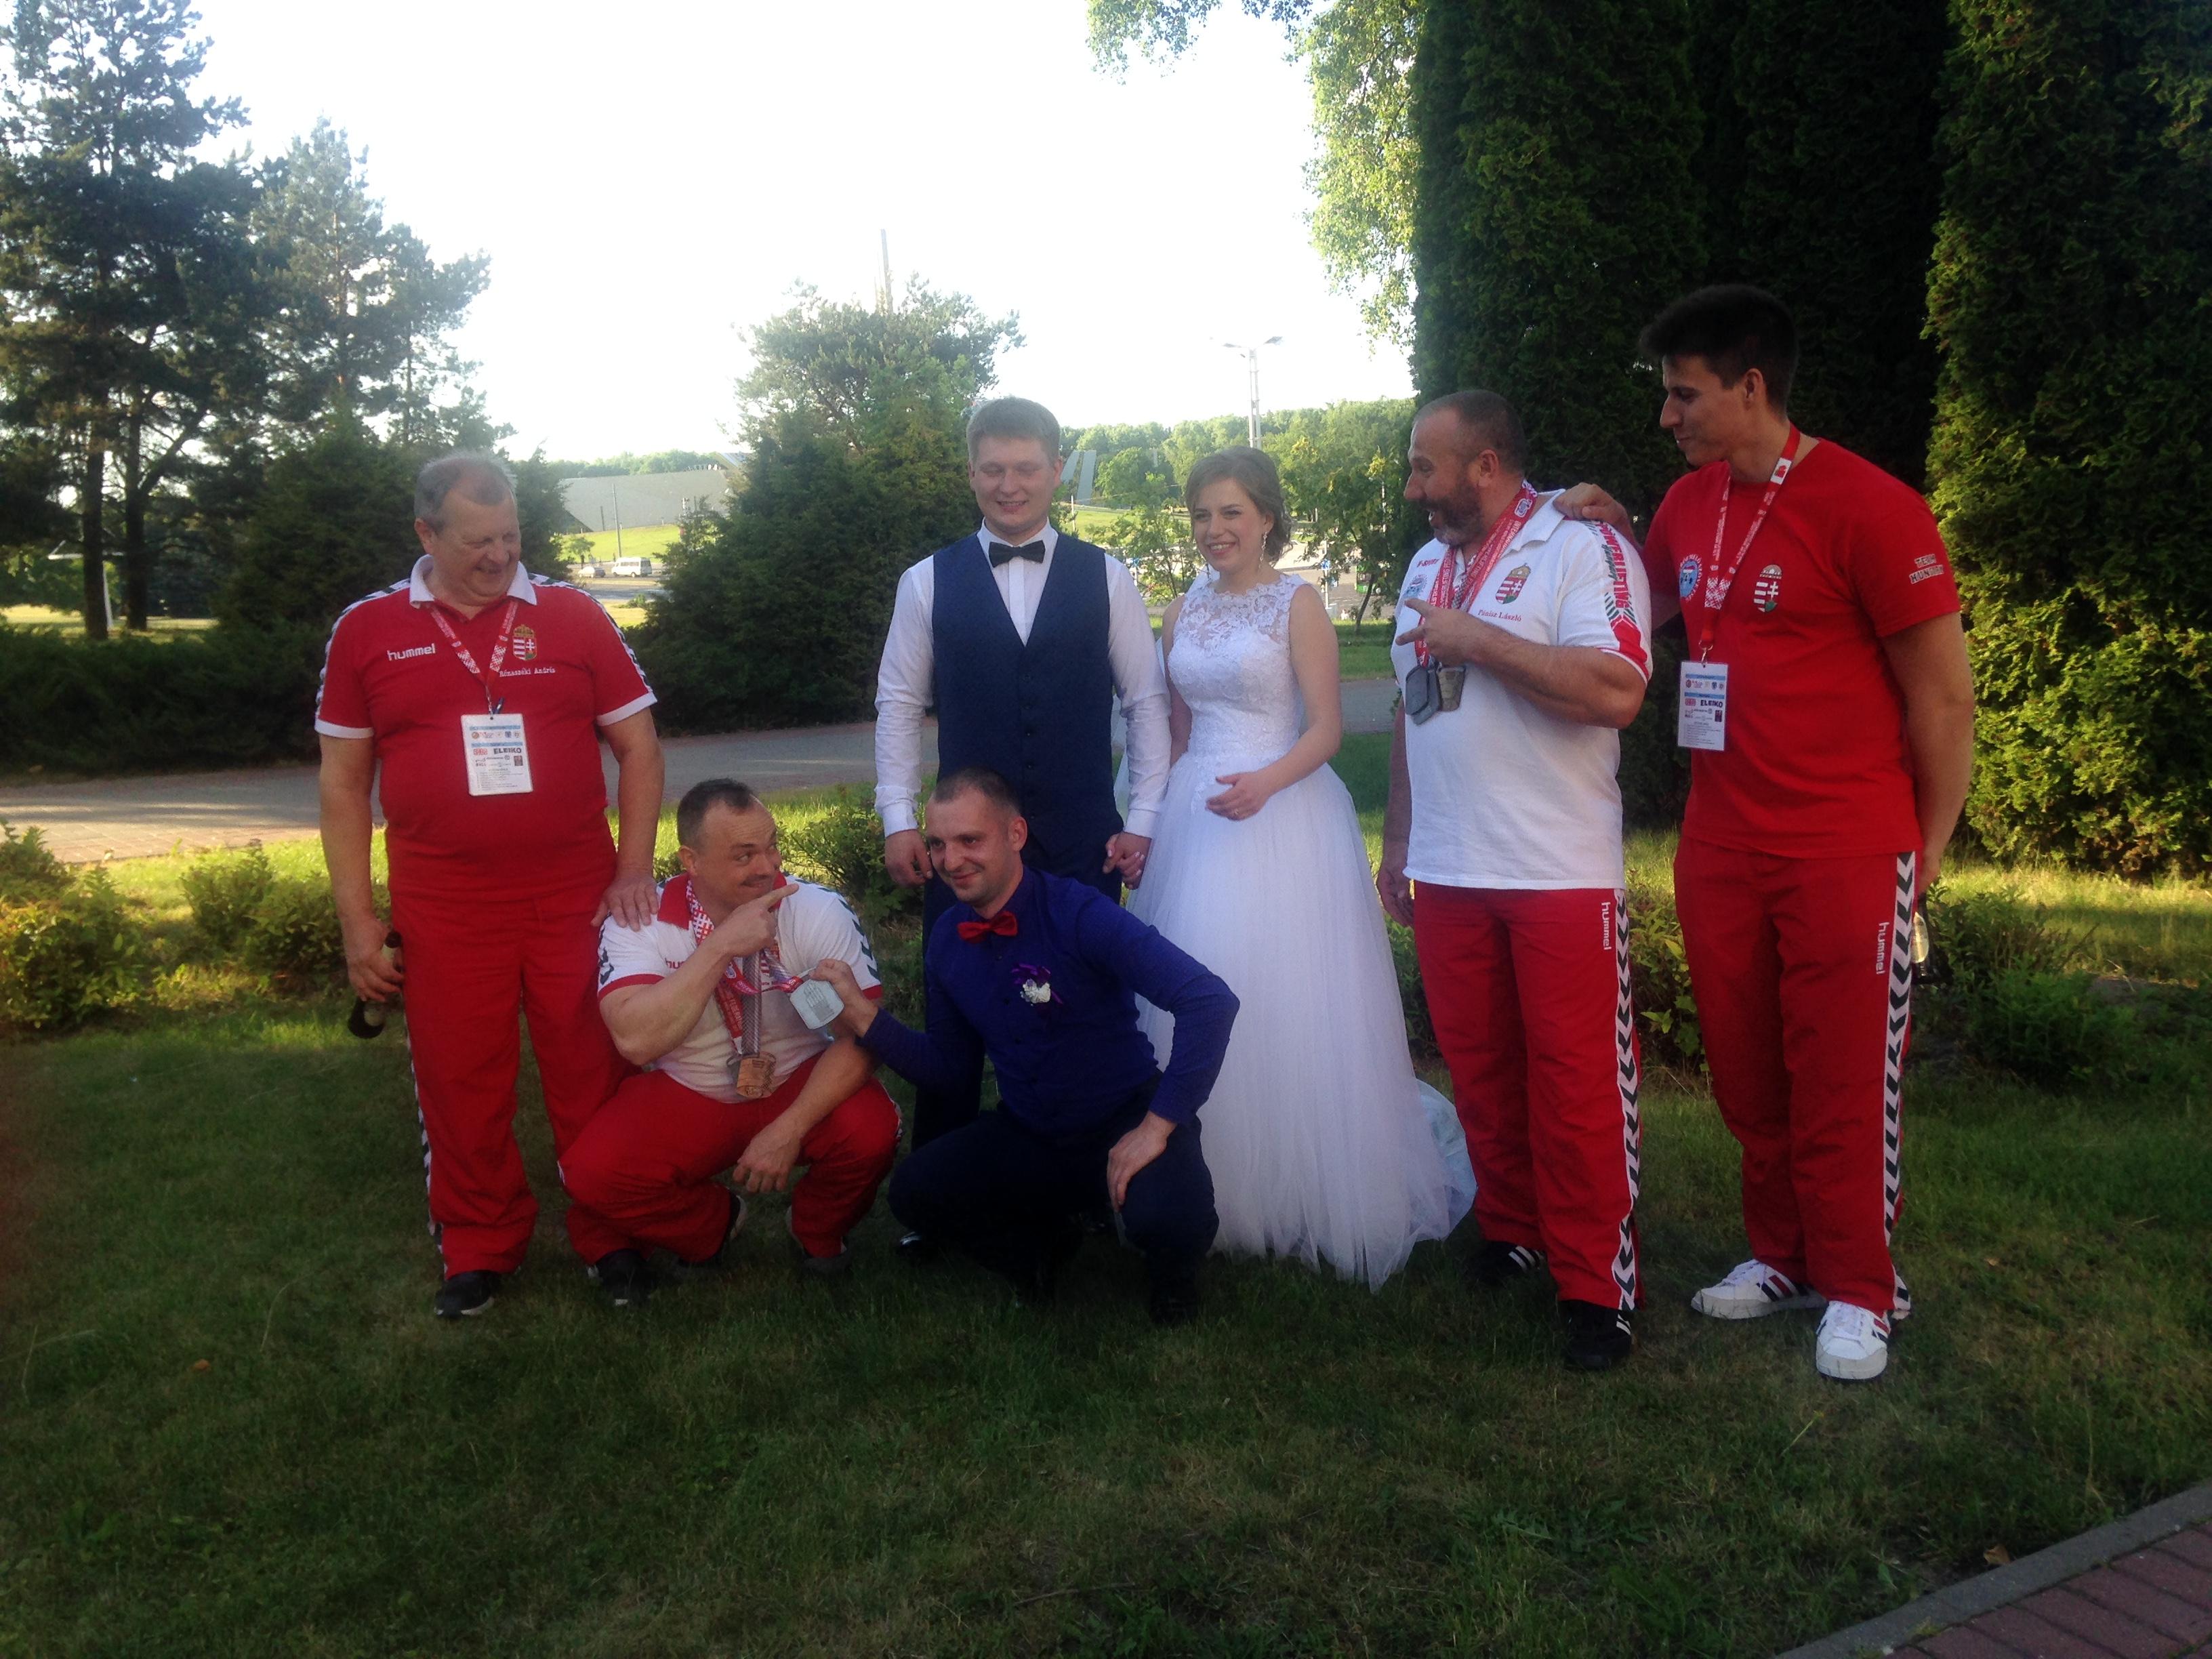 A bajnokokat belorusz esküvőre is meghívták!